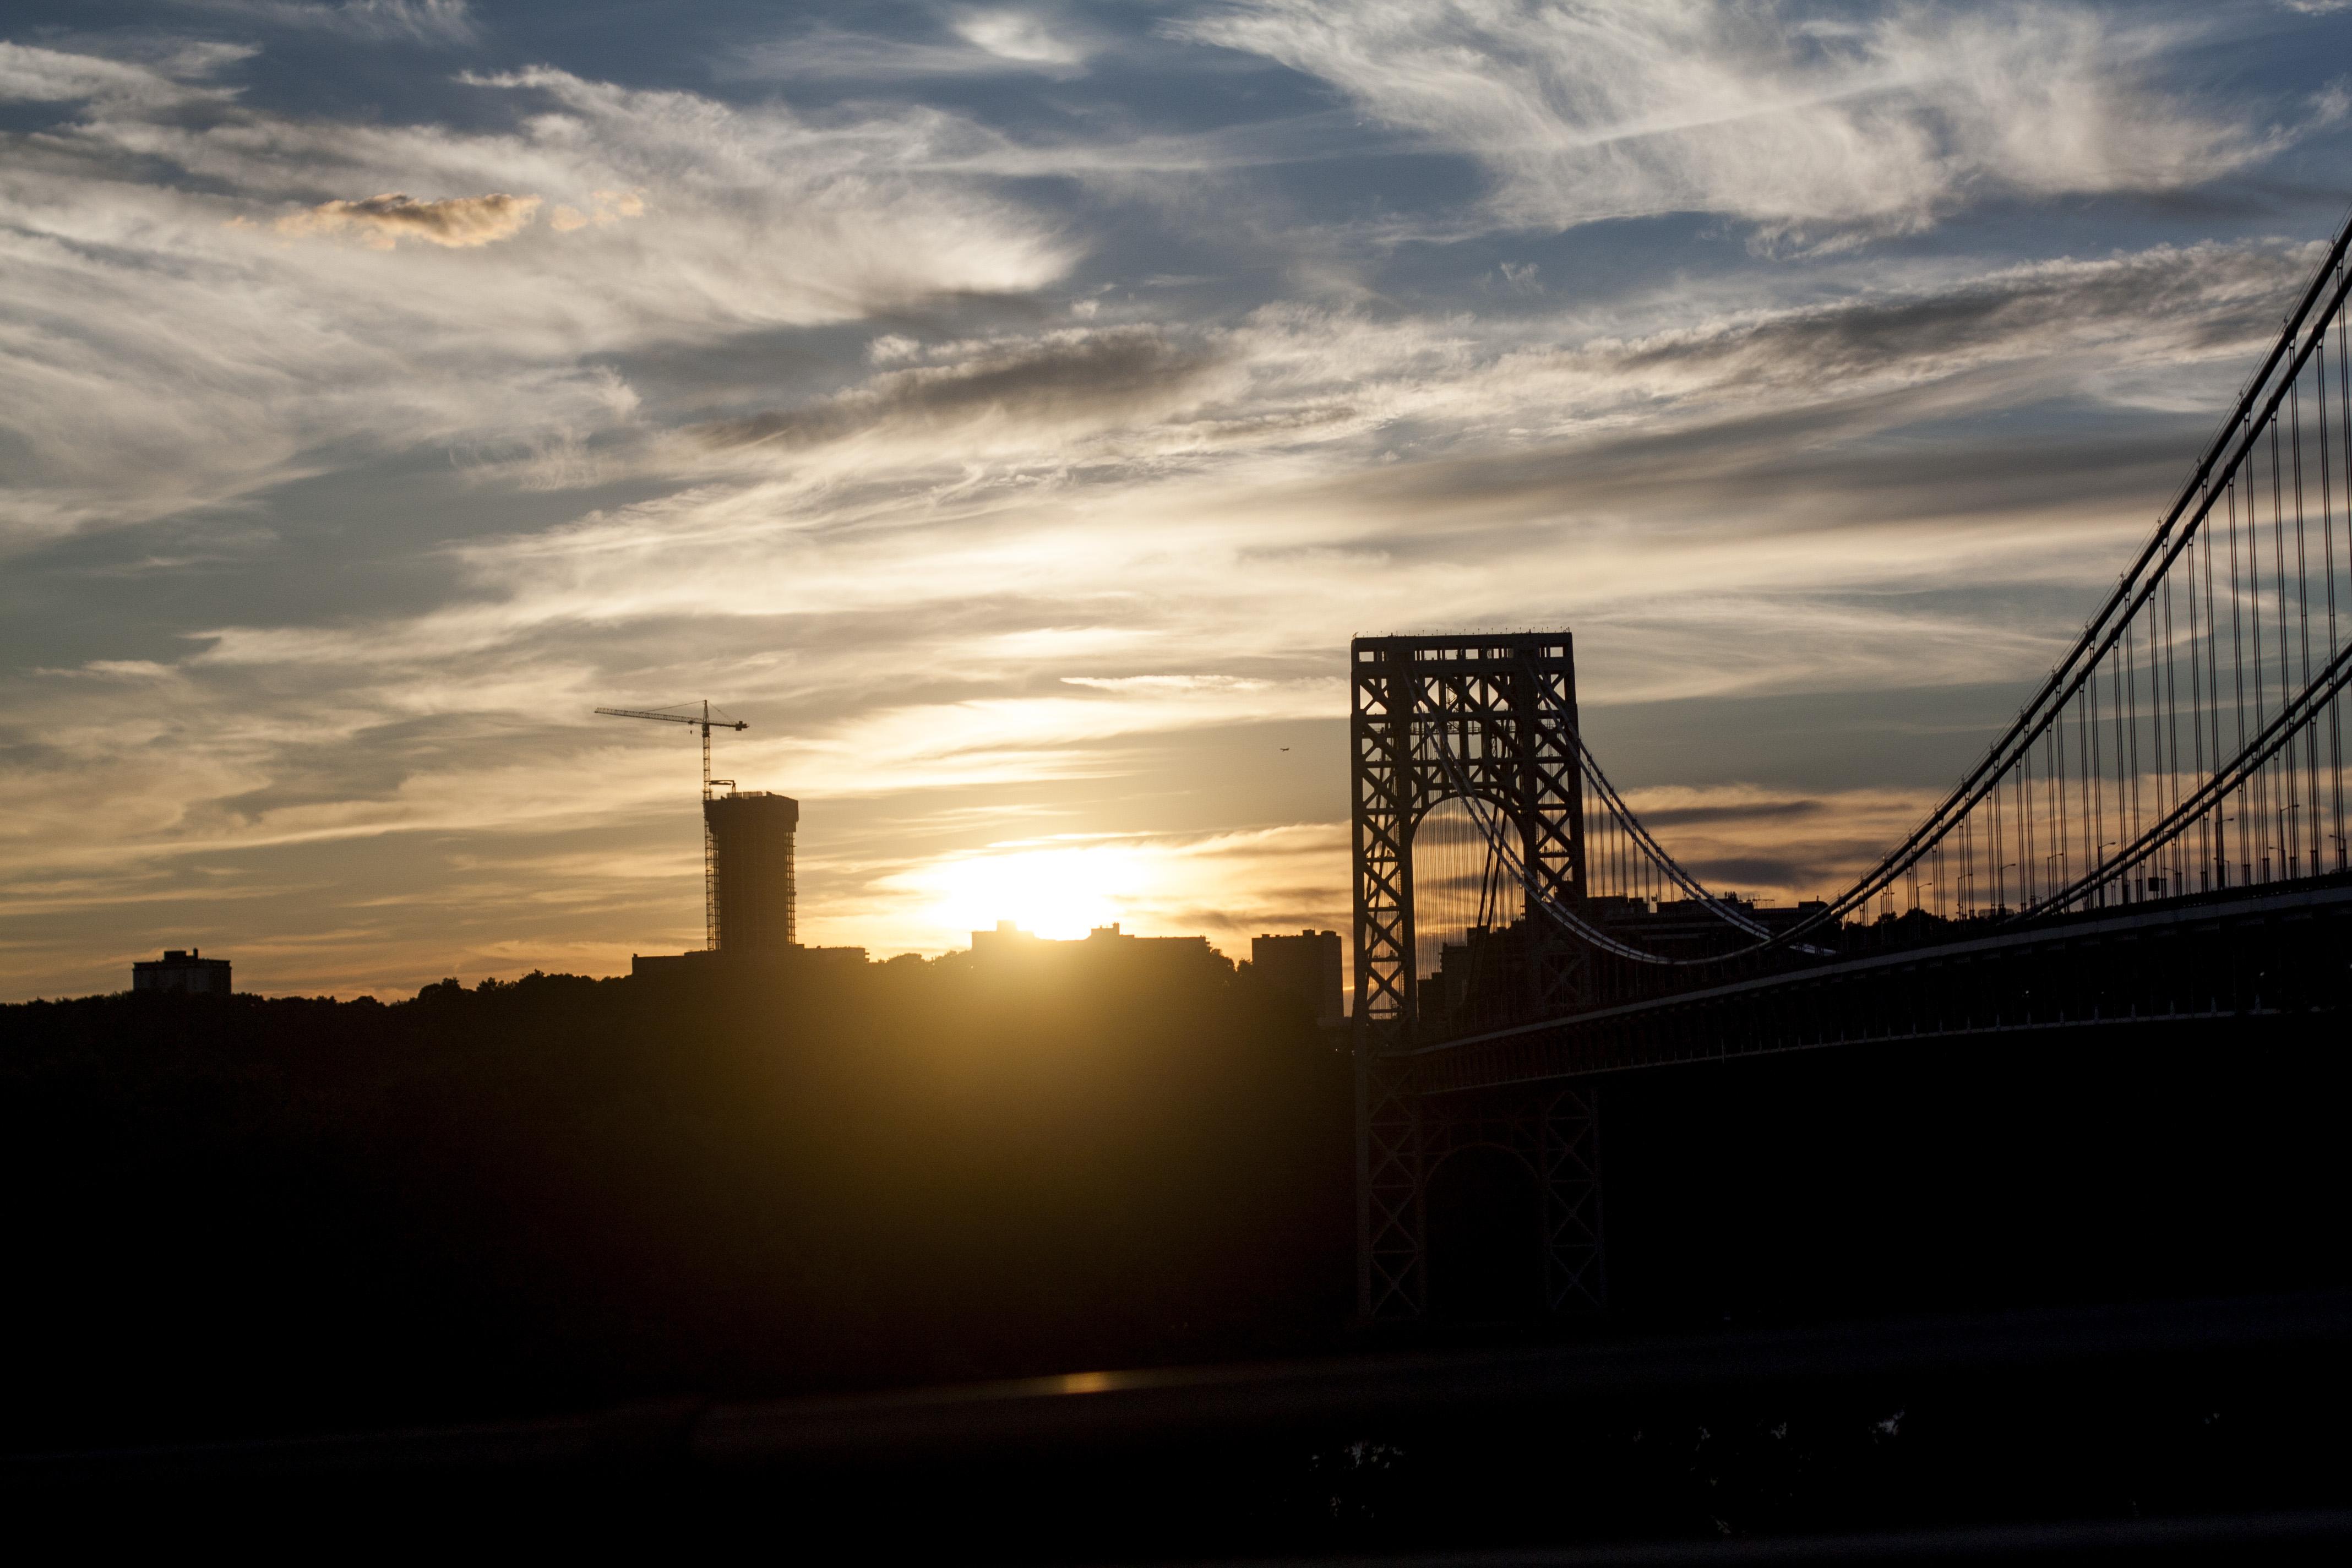 sunset_nyc_george_washington_bridge